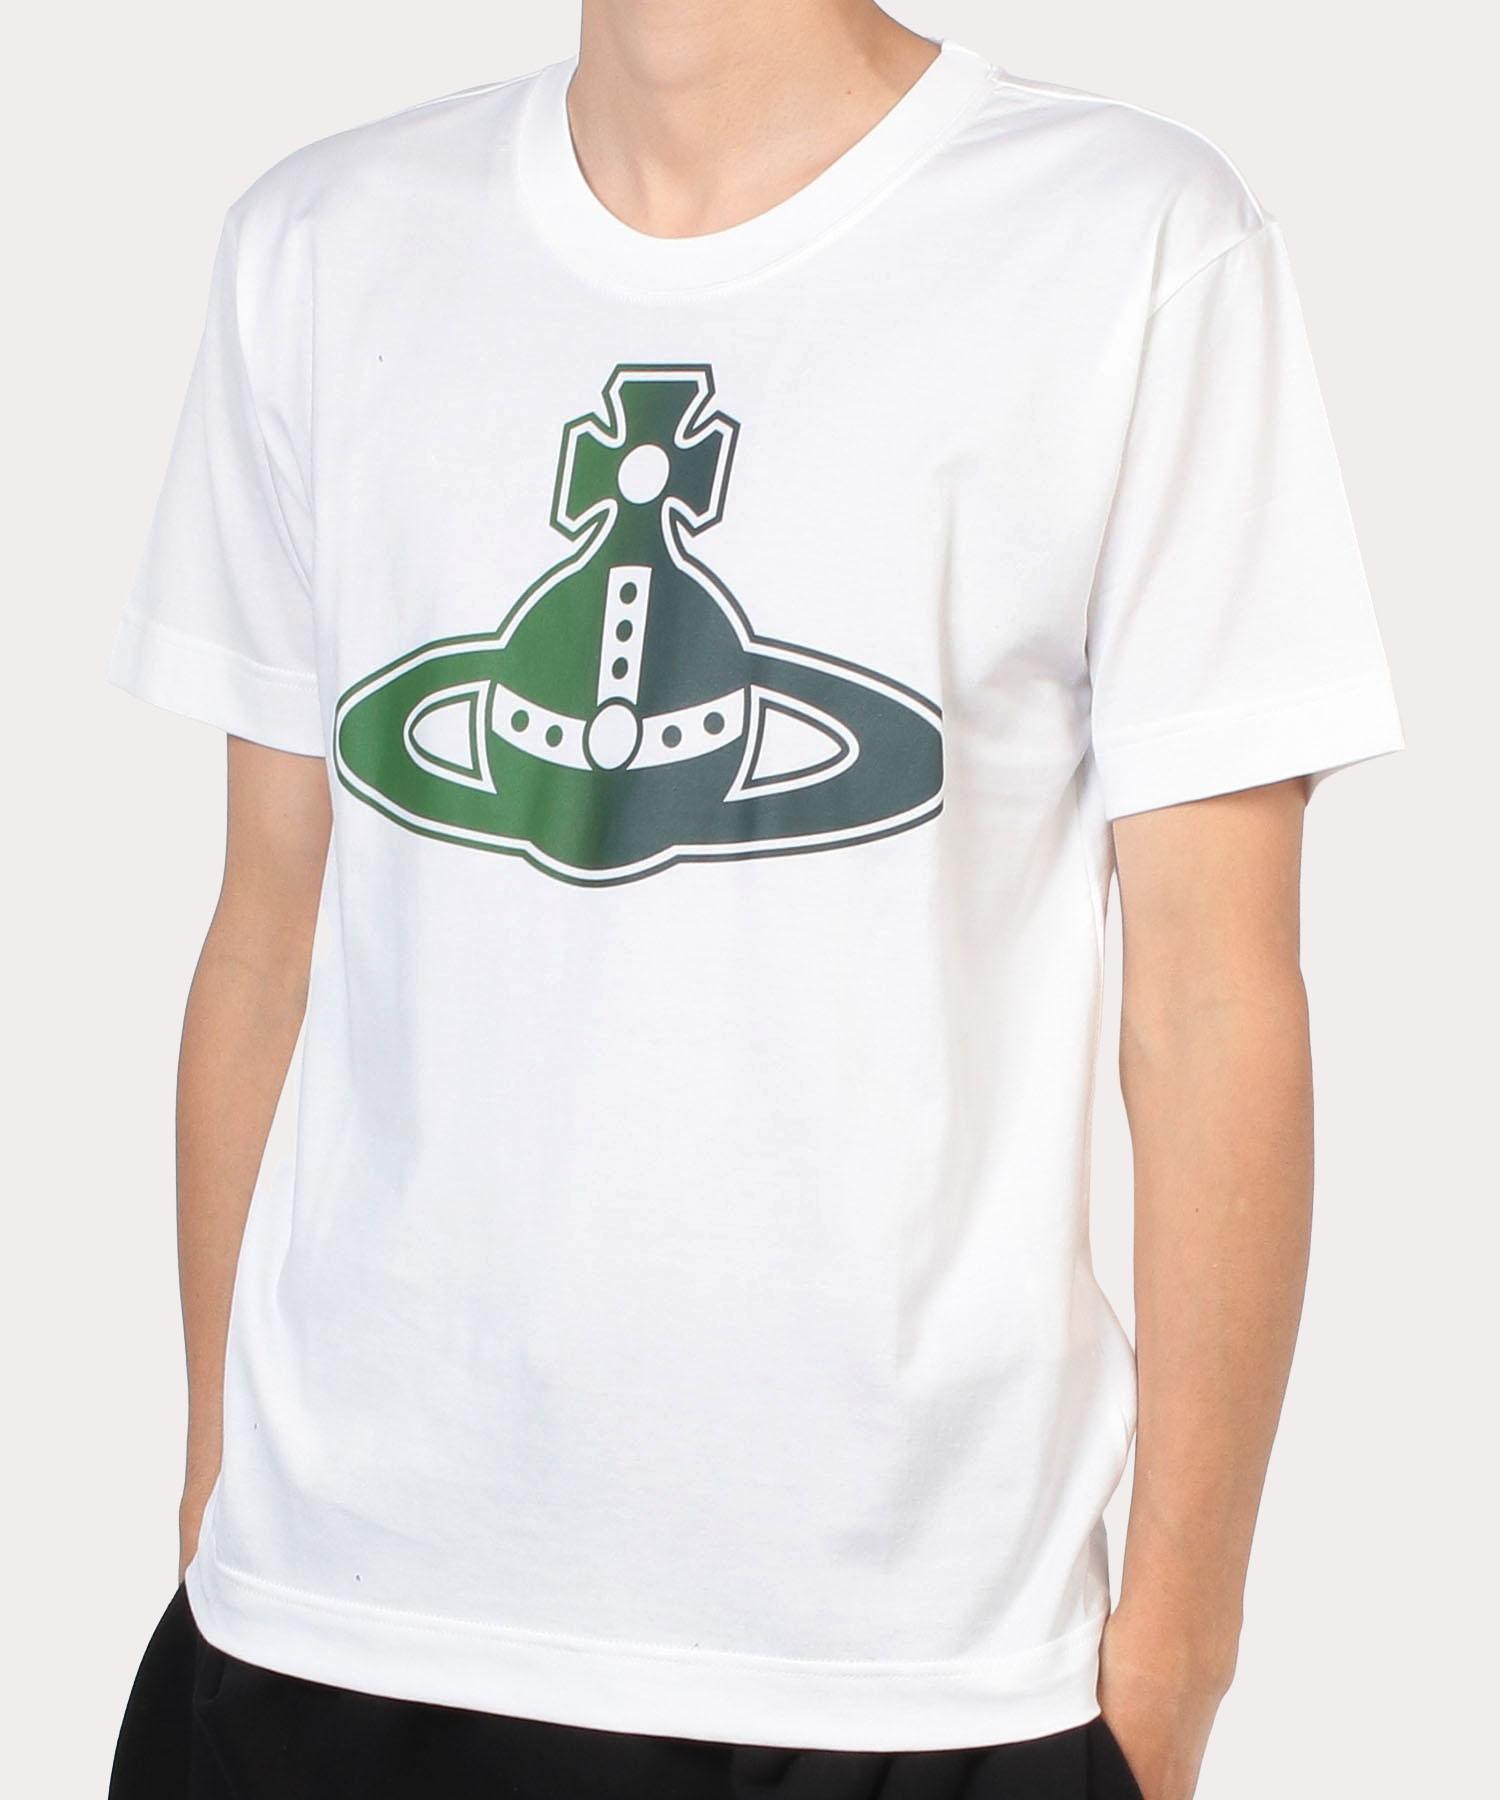 ヴァーシティーORB リラックス半袖Tシャツ